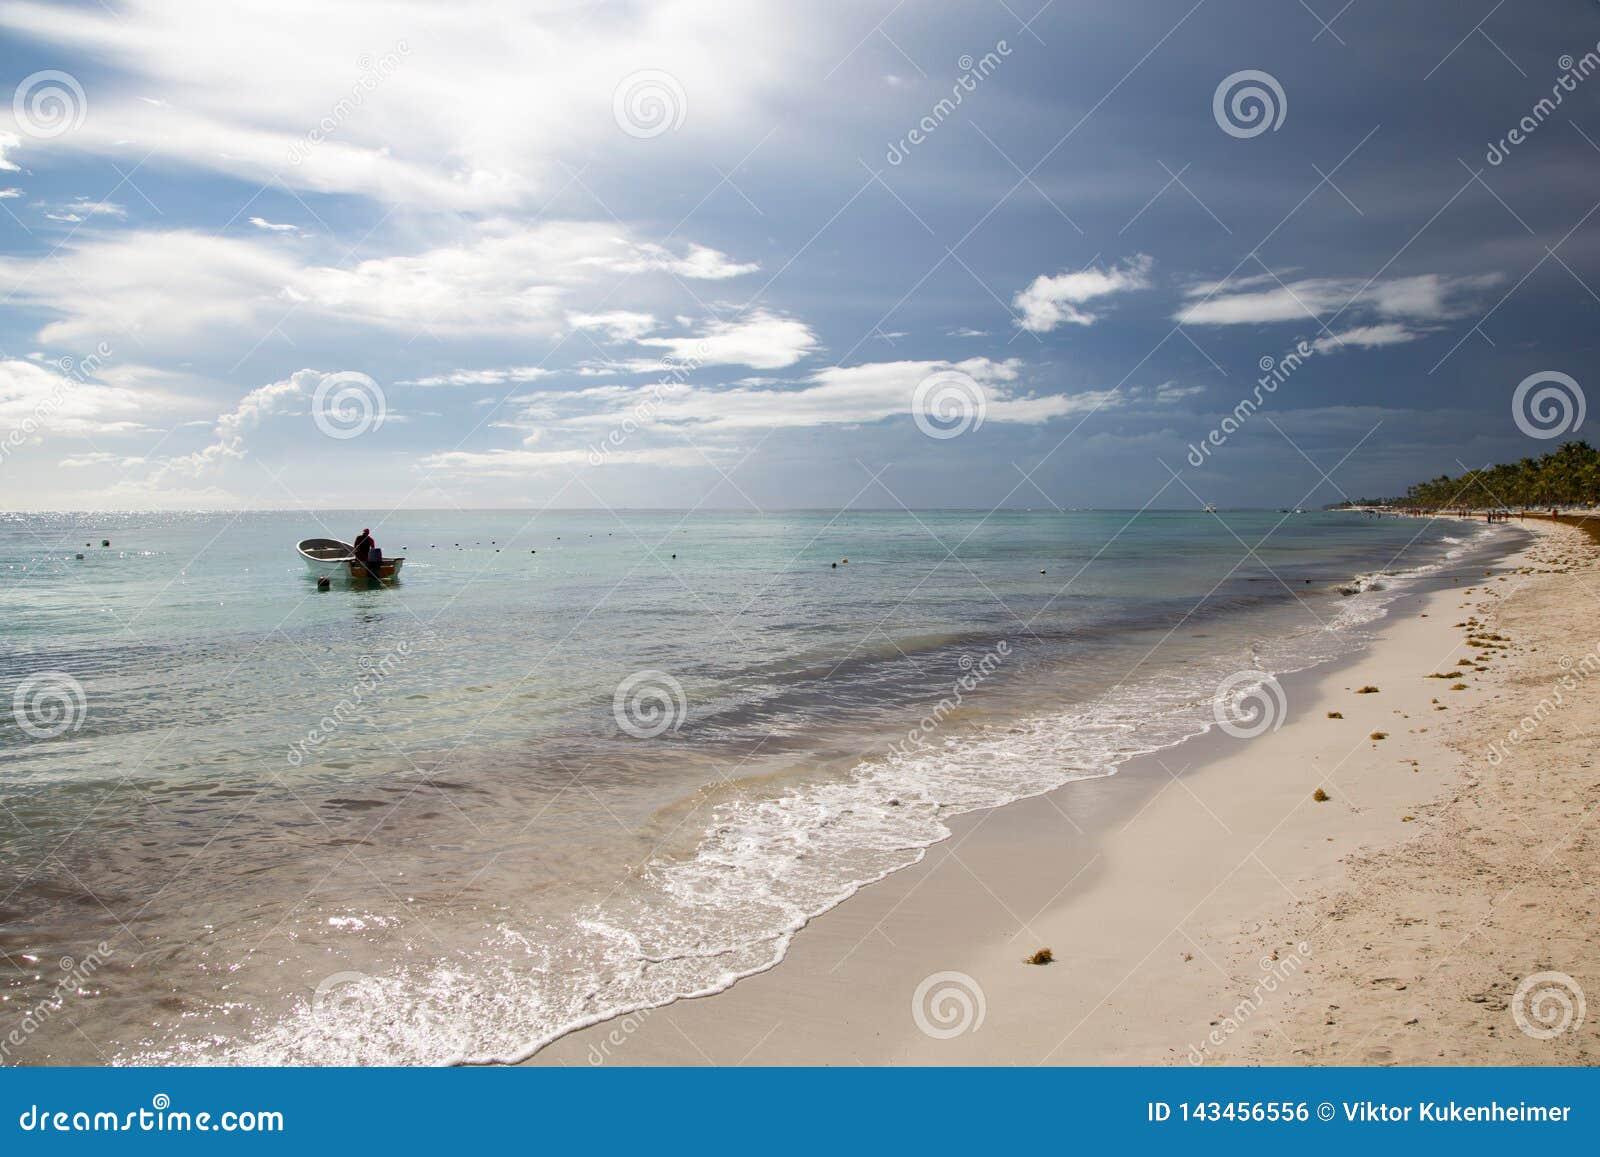 Playa ideal en la República Dominicana